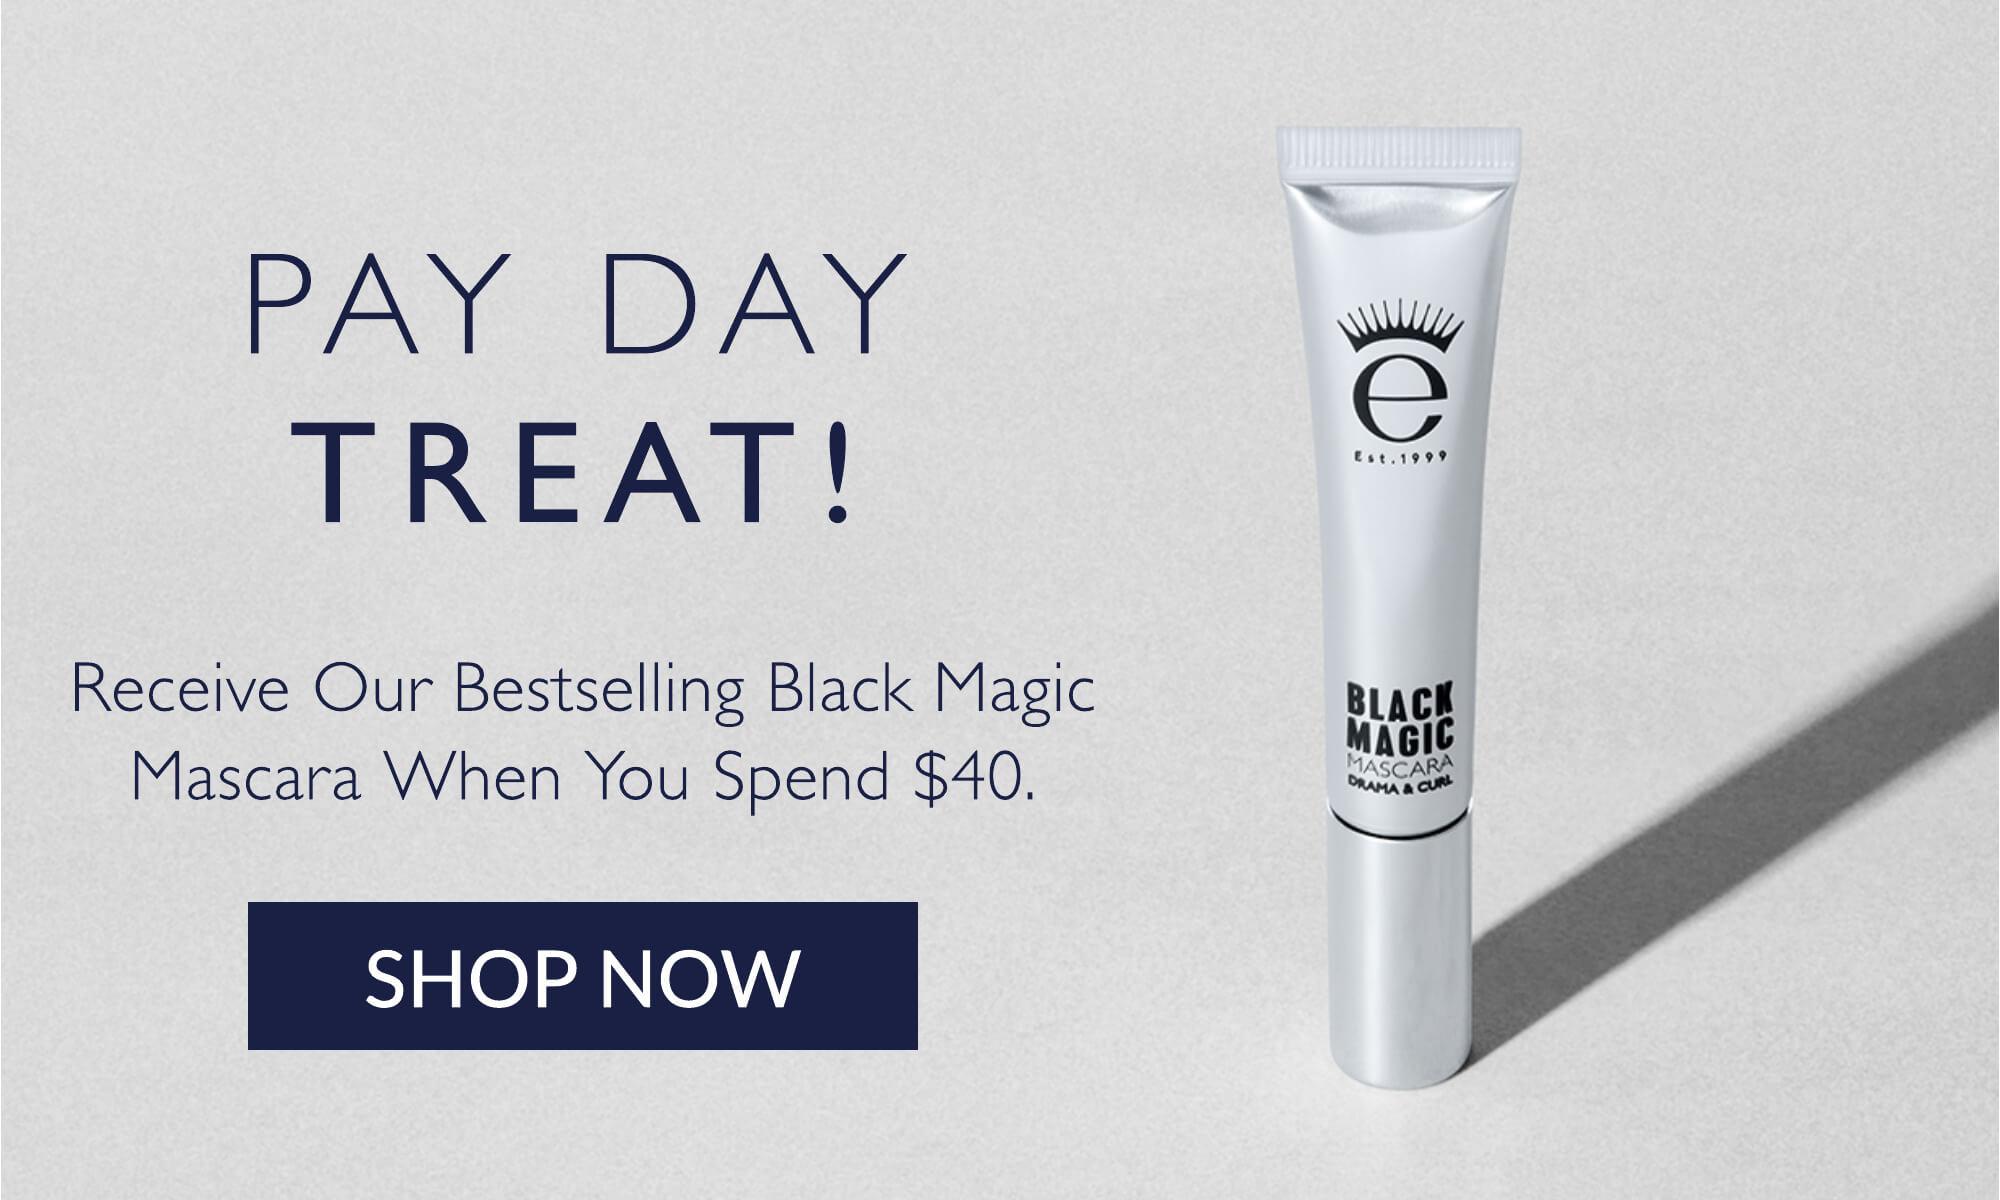 Eyeko Black Magic mascara on grey back ground with model image and swatch